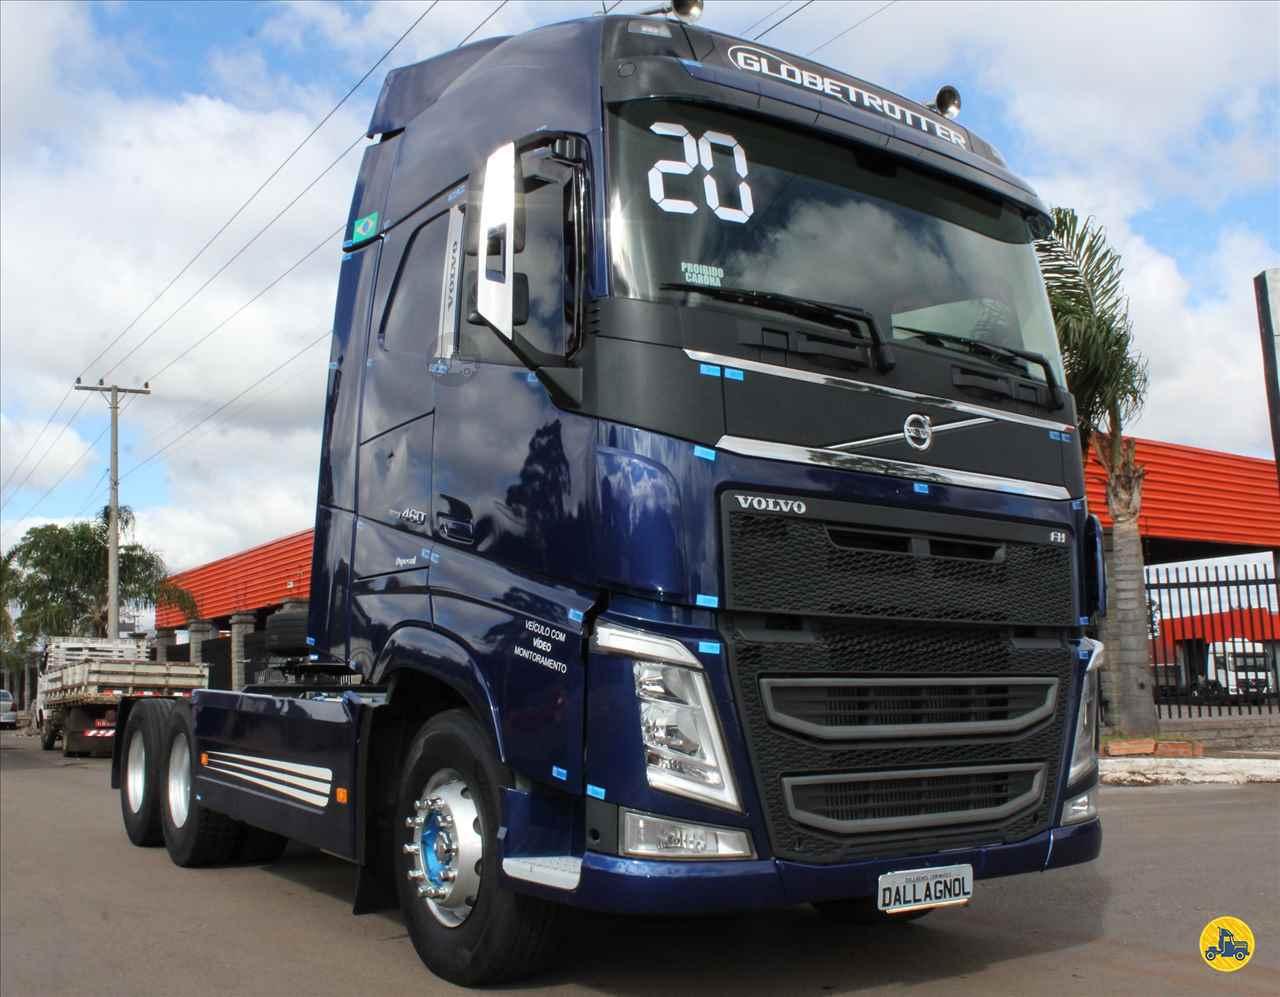 CAMINHAO VOLVO VOLVO FH 460 Cavalo Mecânico Truck 6x2 DallAgnol Caminhões RS PASSO FUNDO RIO GRANDE DO SUL RS